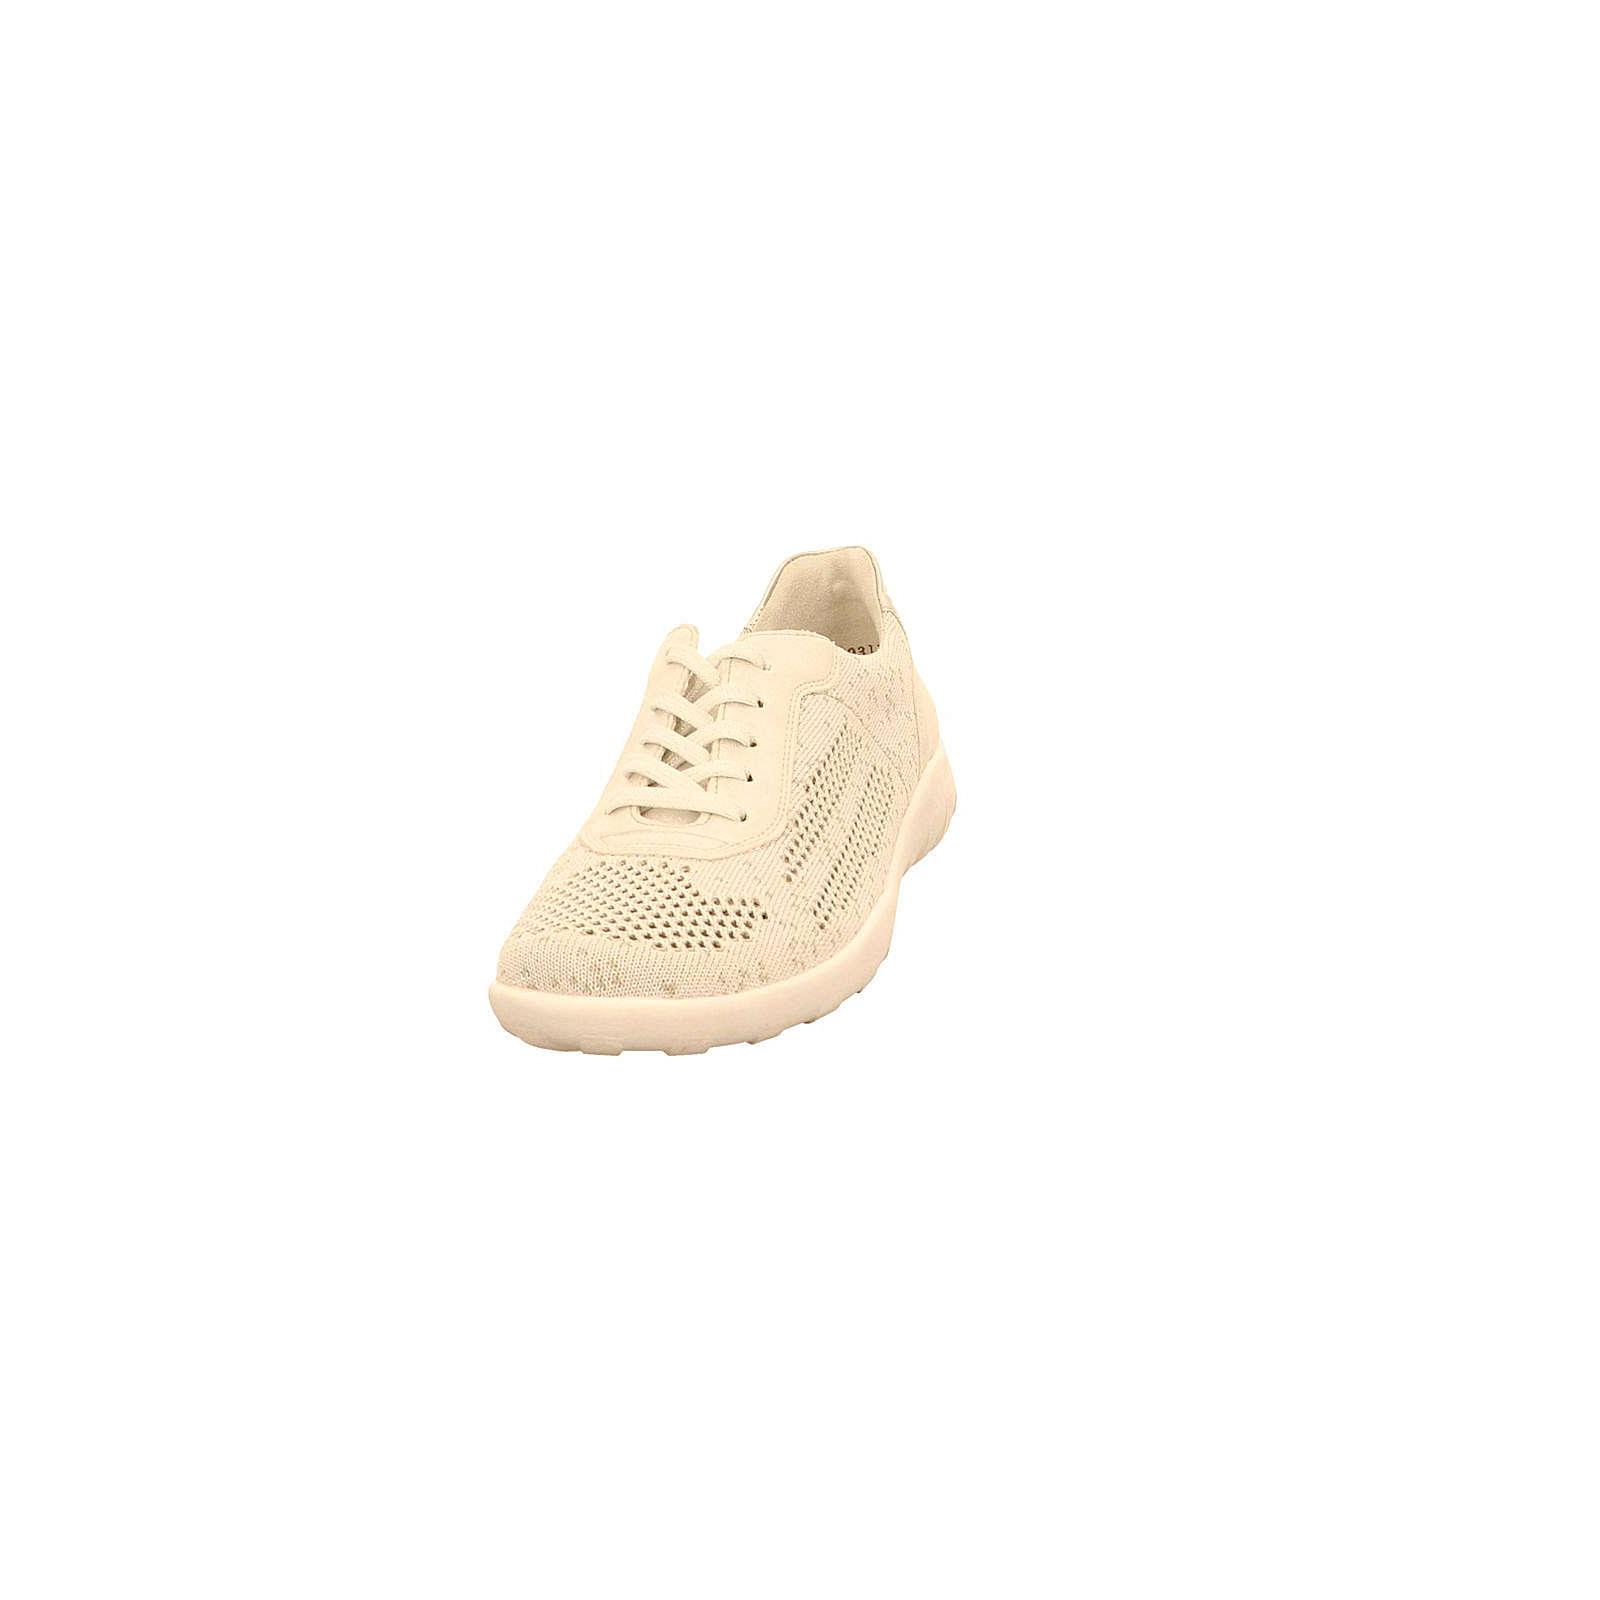 remonte Sneakers Low beige Damen Gr. 41